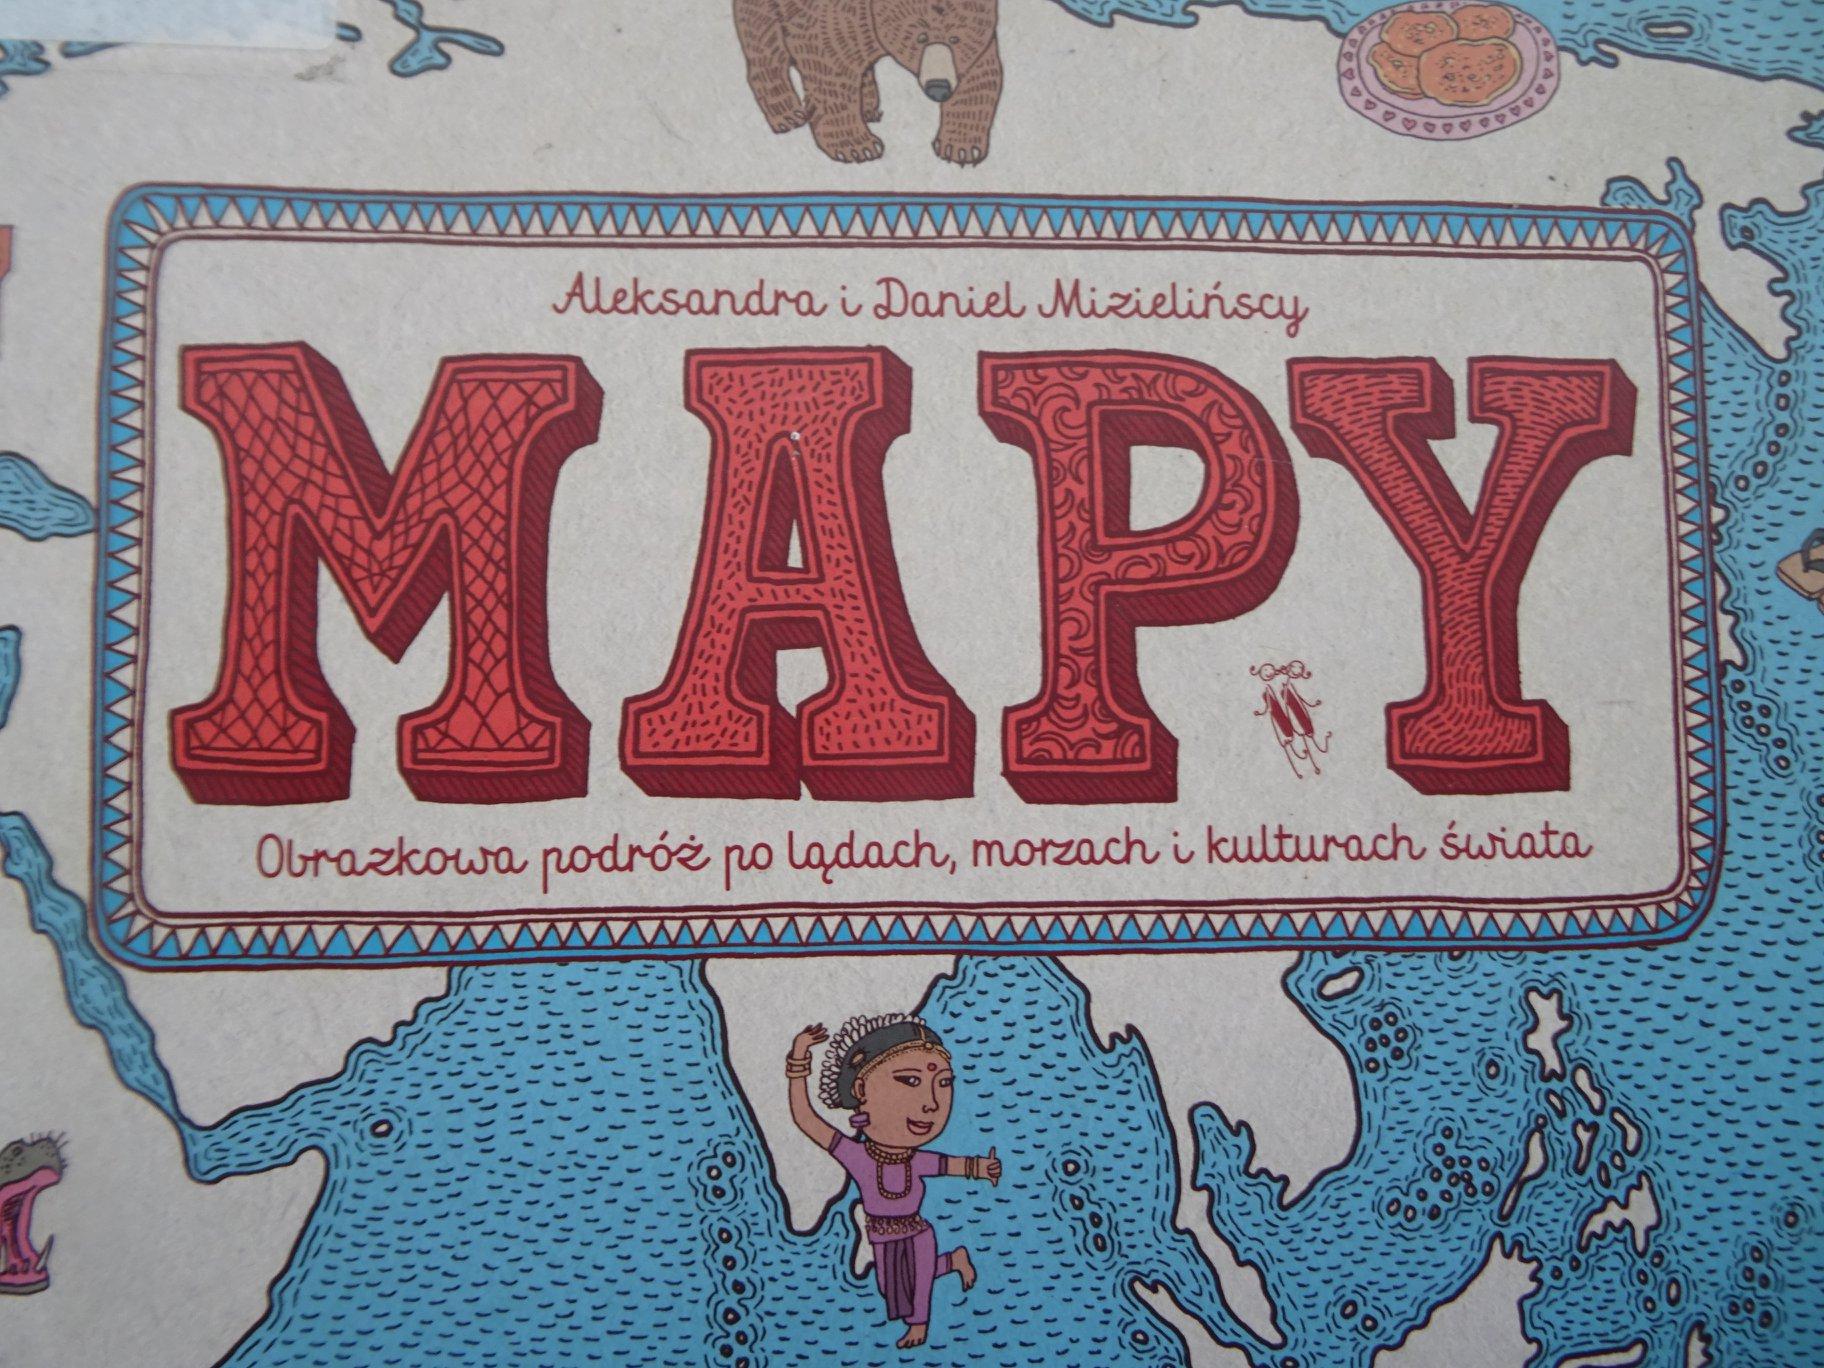 Mistrzowskie kreski: rzecz o ilustracji – Aleksandra i Daniel Mizielińscy